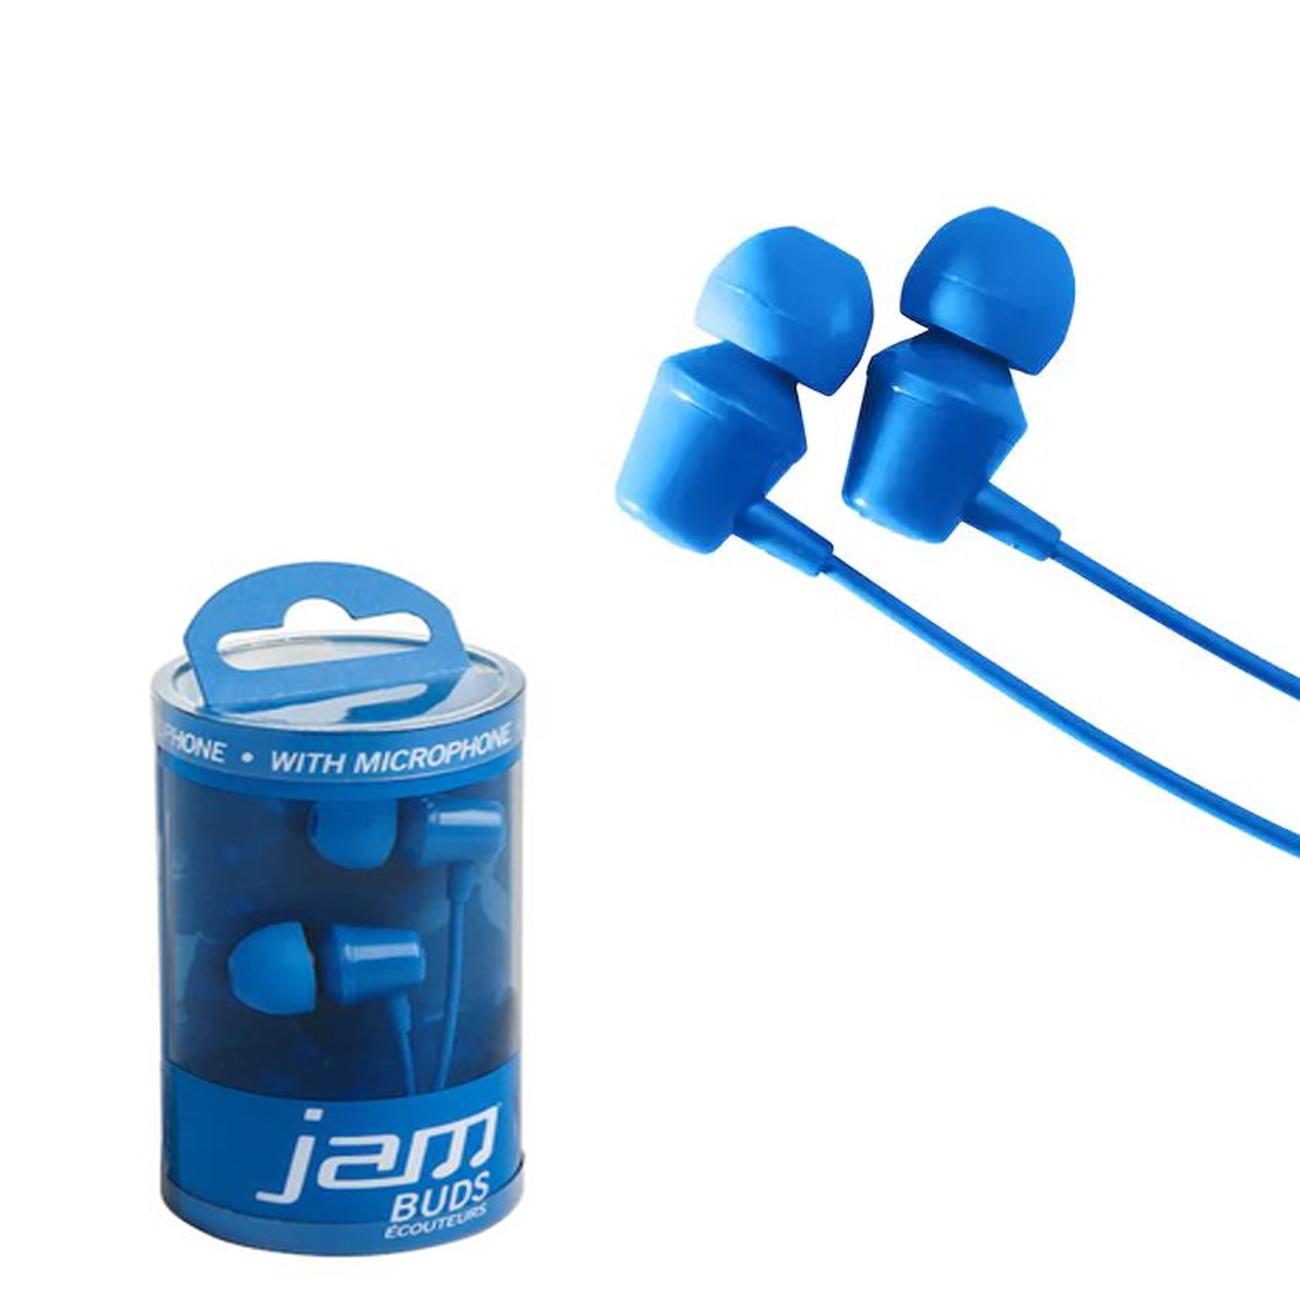 Fone de ouvido intra auricular com fio e microfone Jam Azul